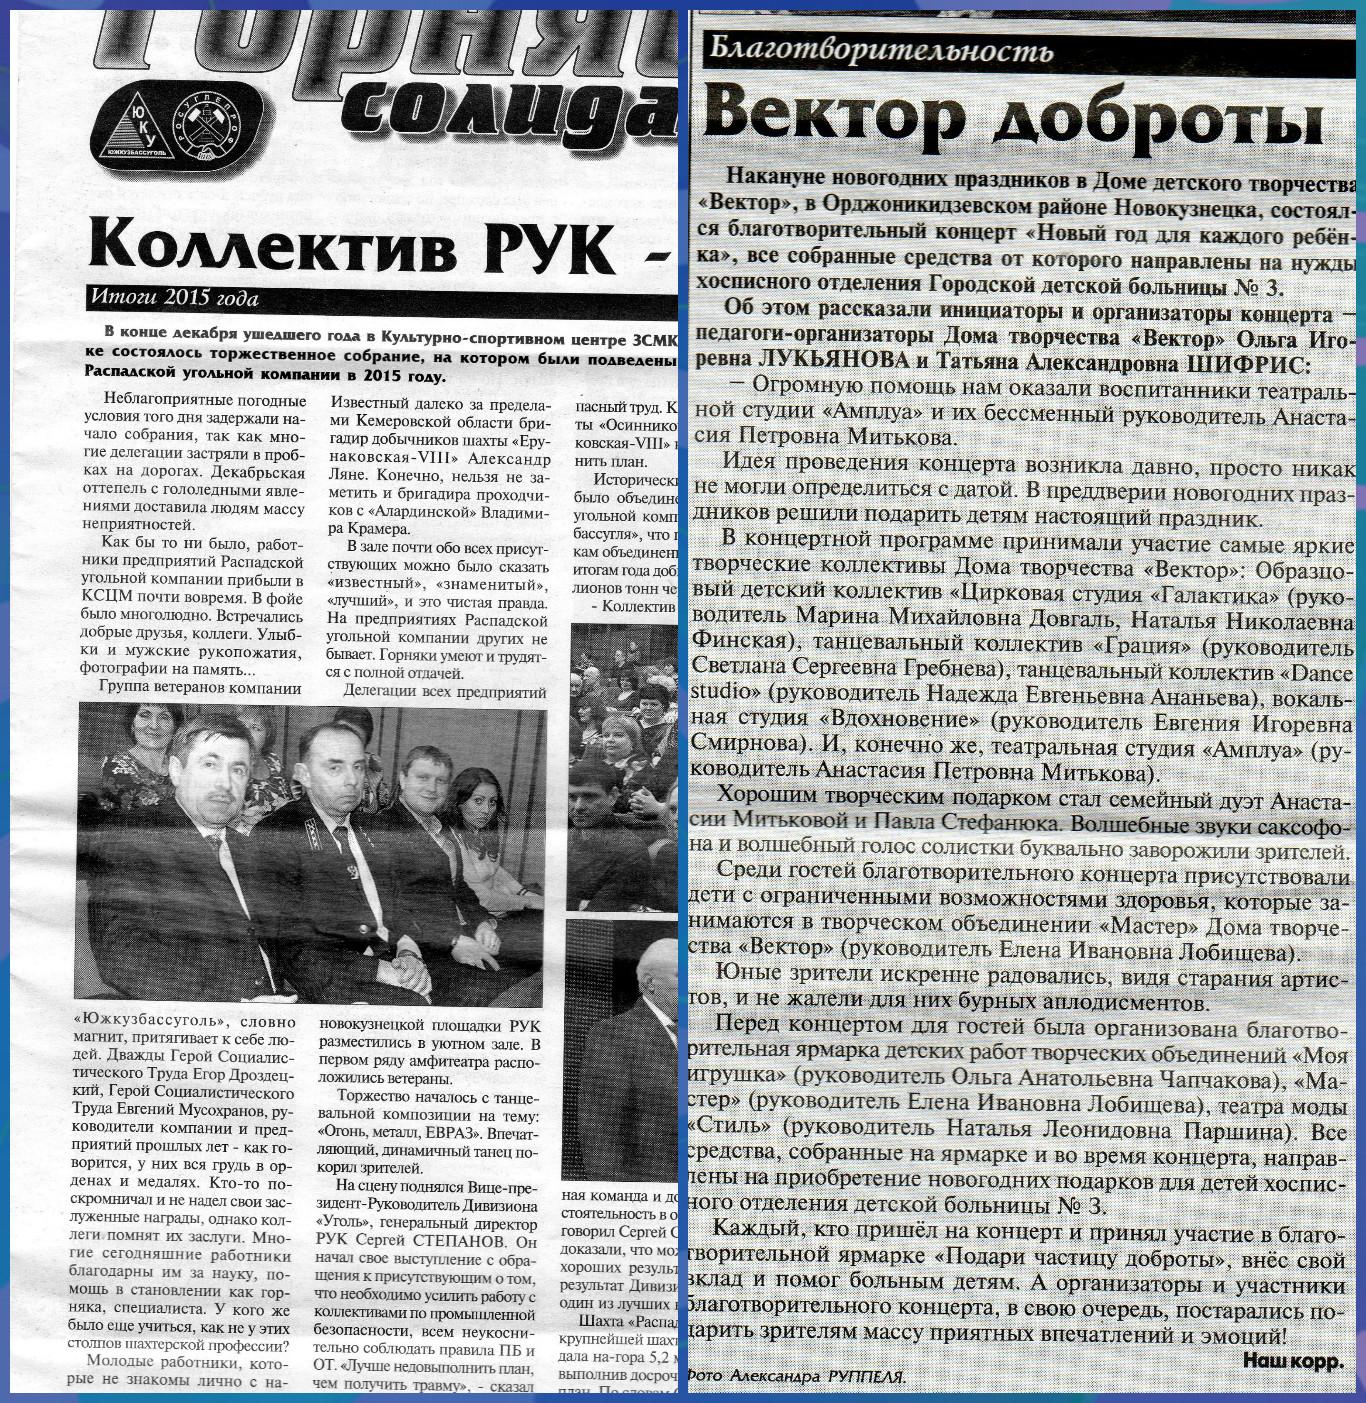 Горняцкая солидарность.jpg